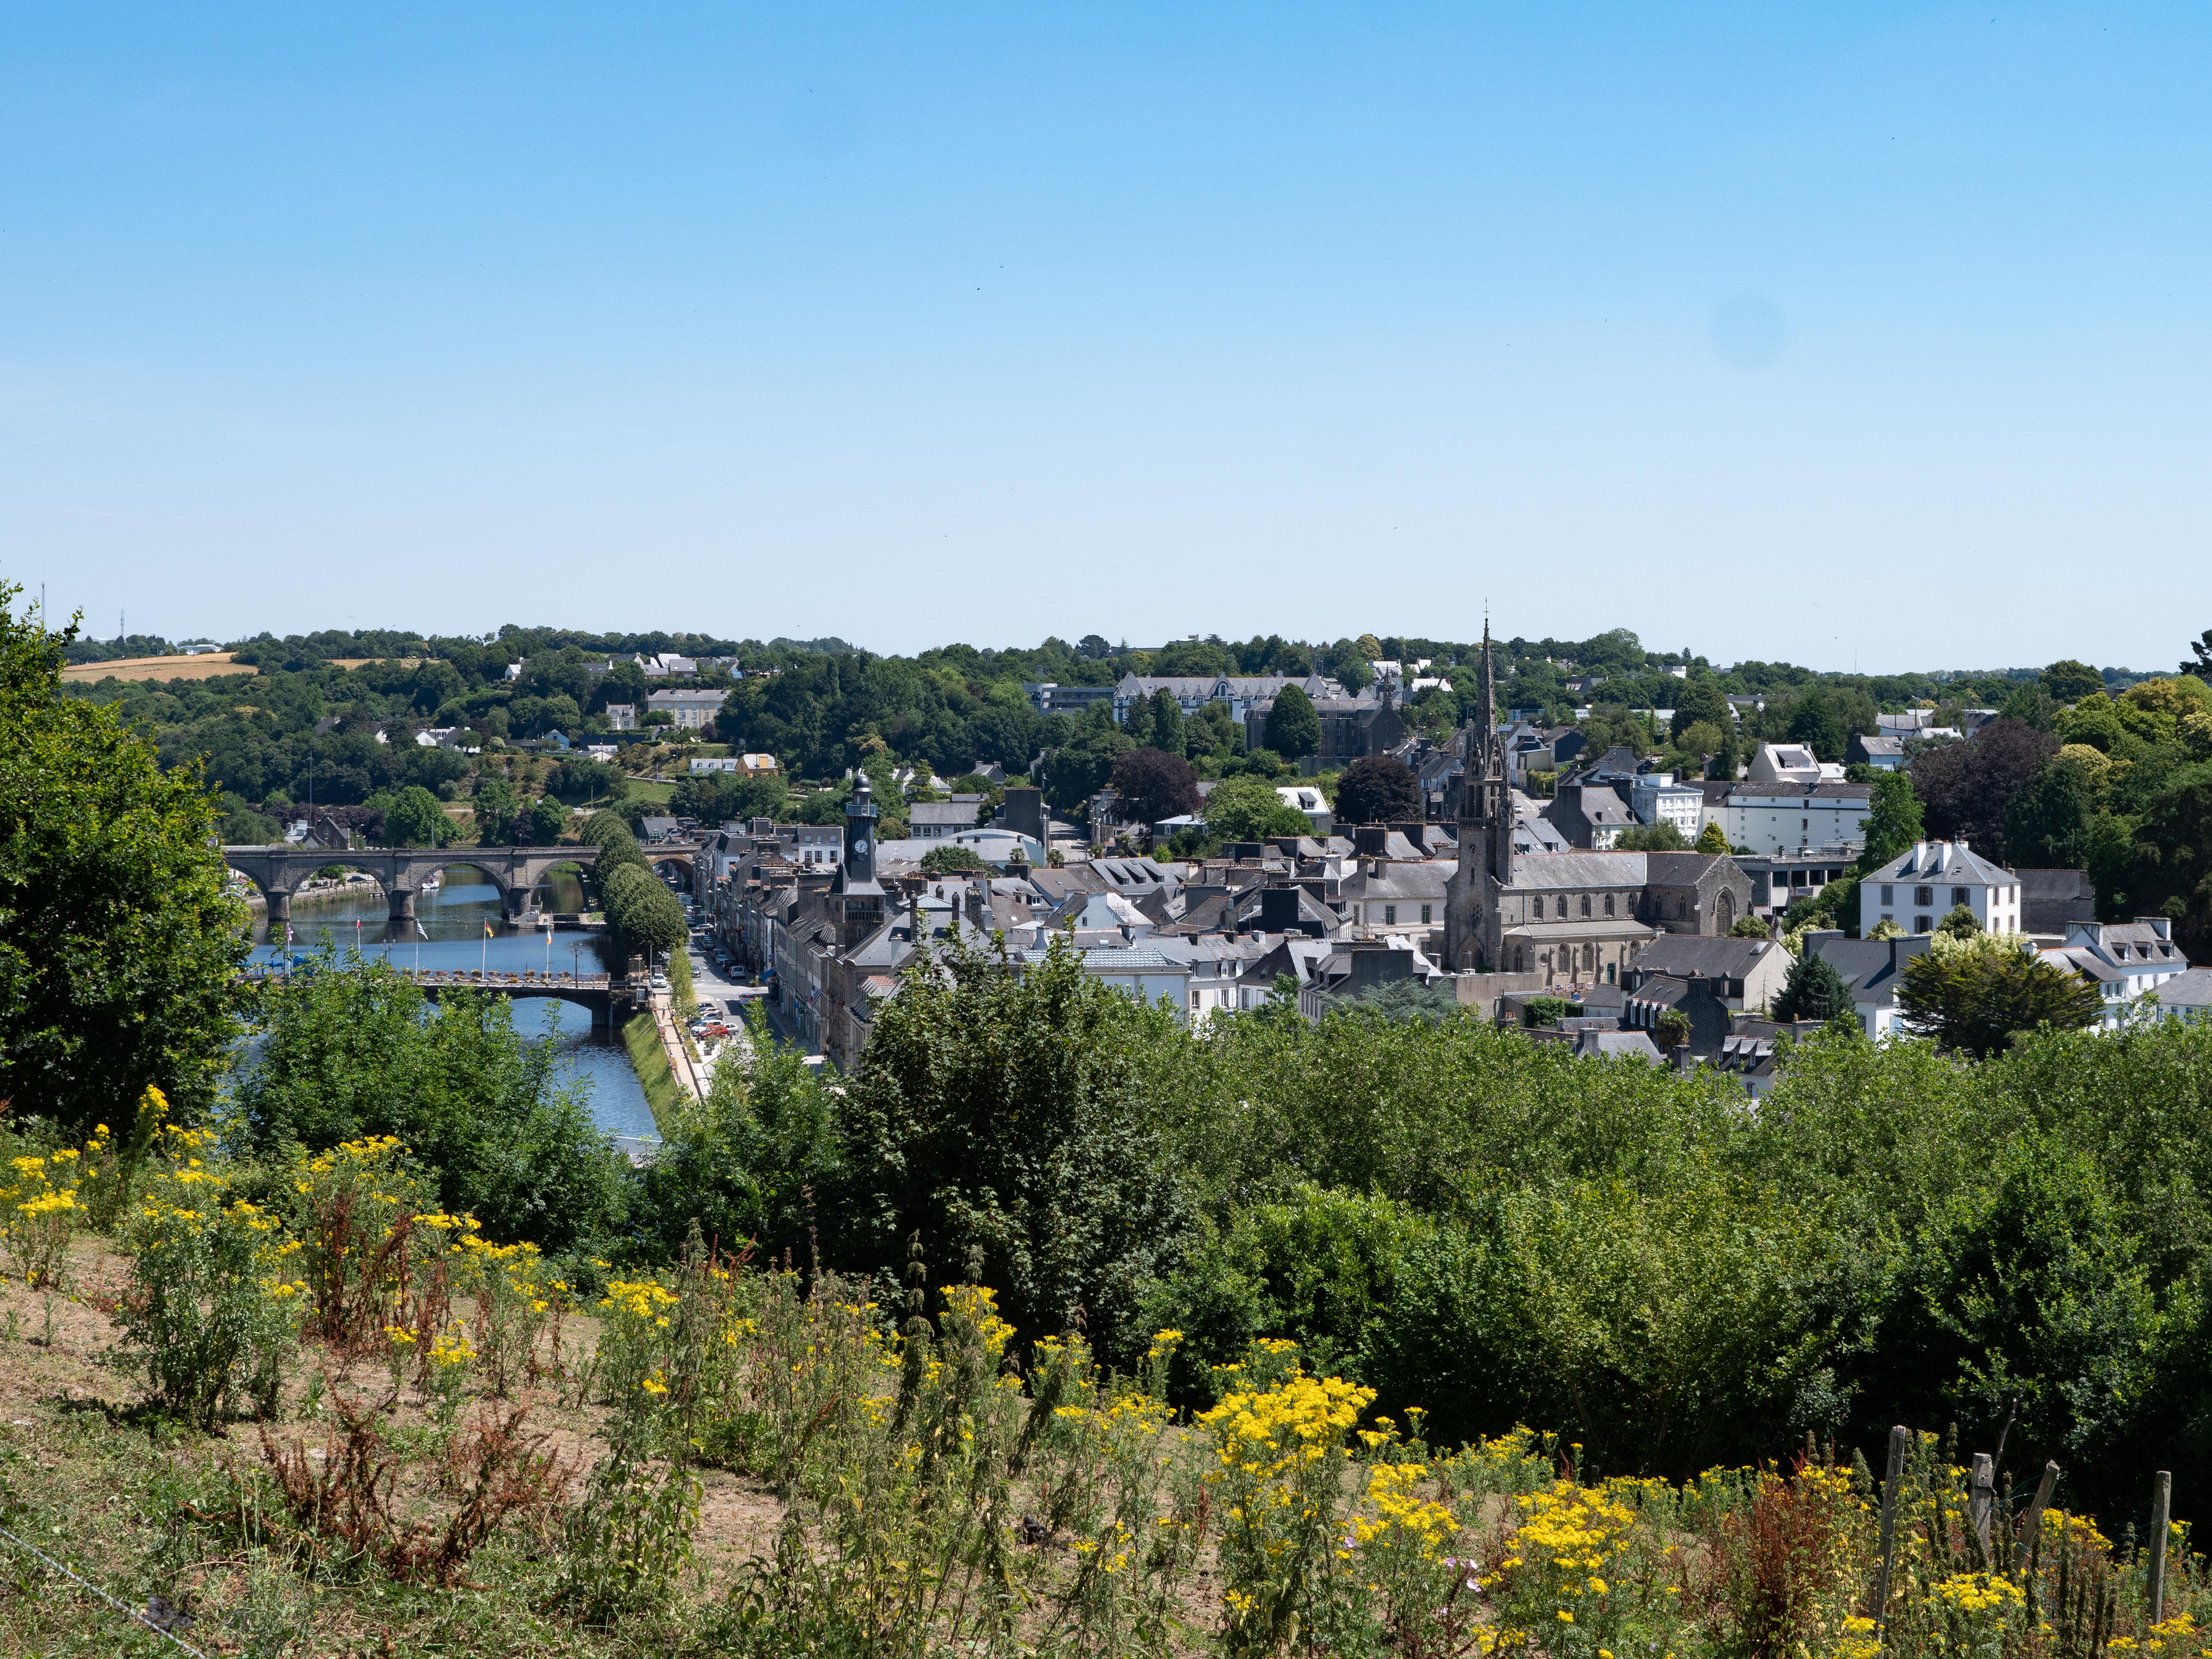 Covid-19 : Suspension de toutes les activités au Vieux-Bourg